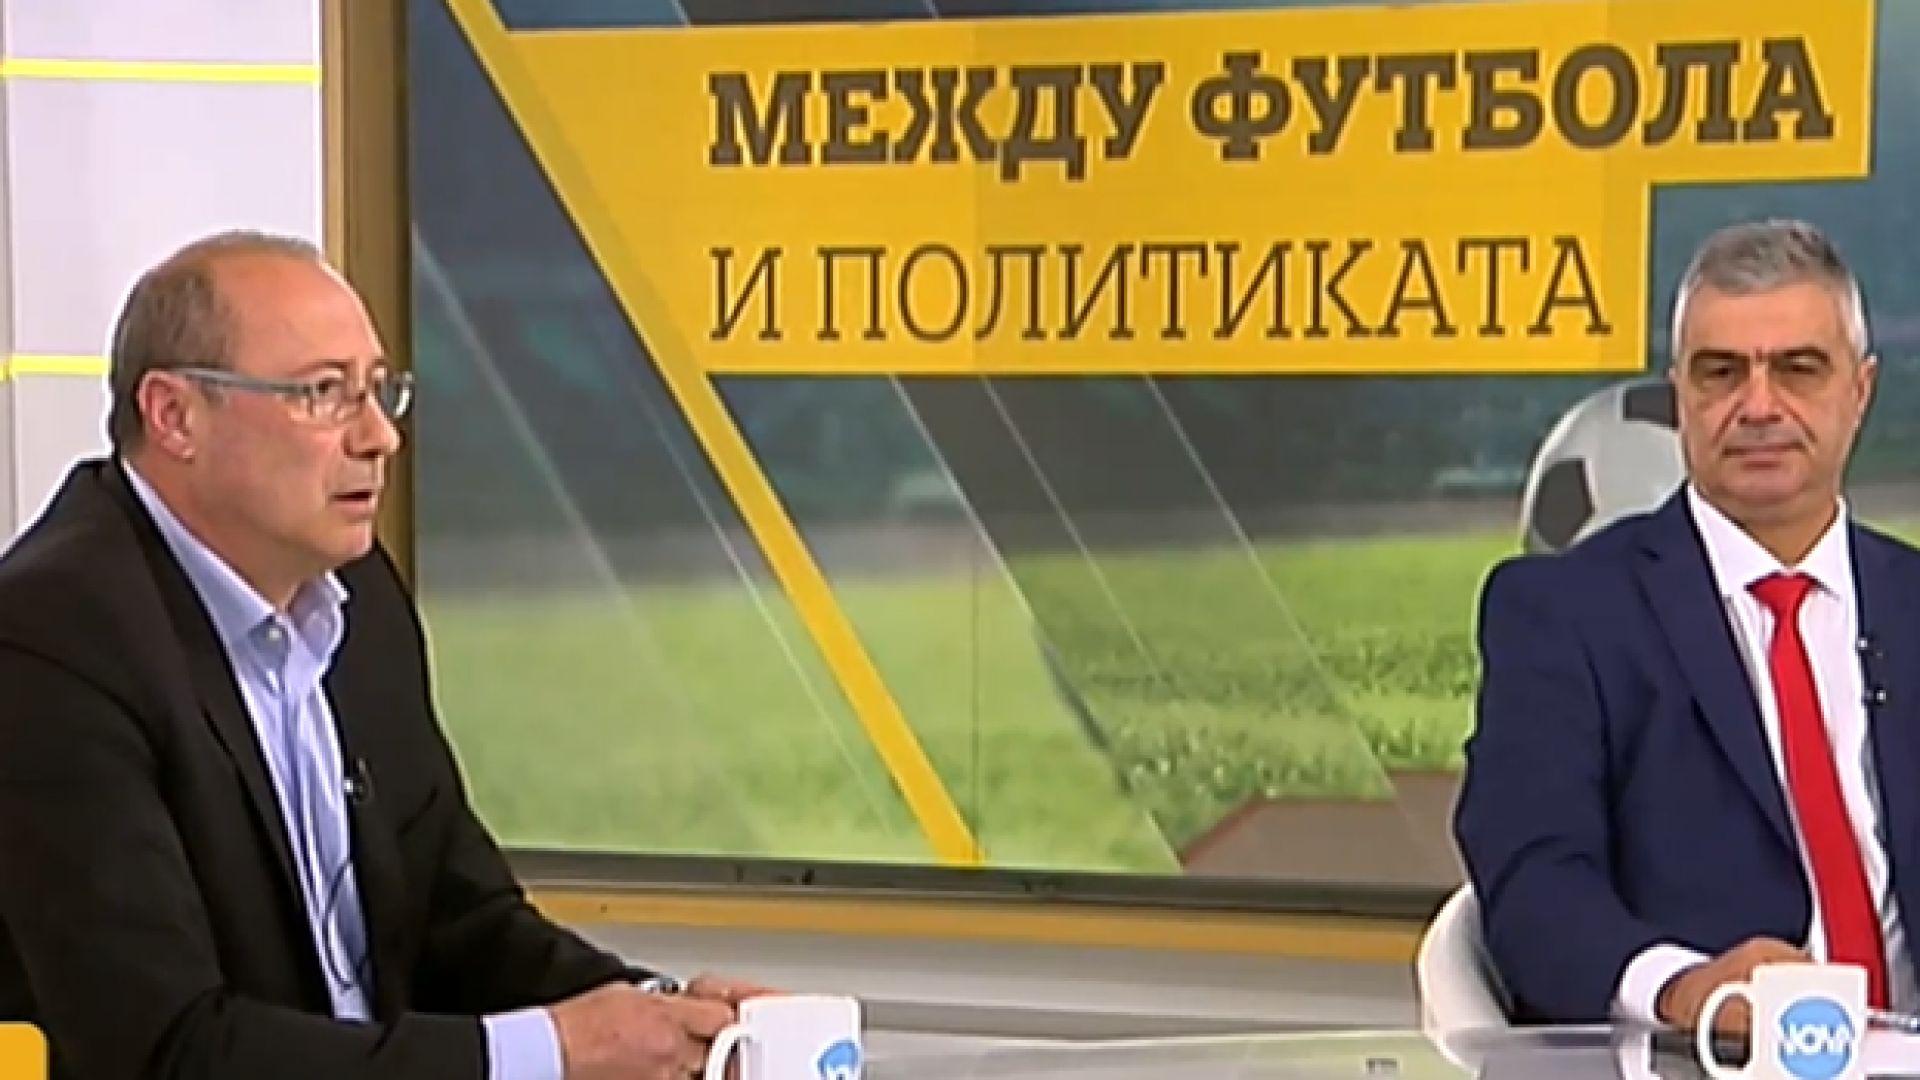 Защо футболни знаменитости влизат в битката за изборите?